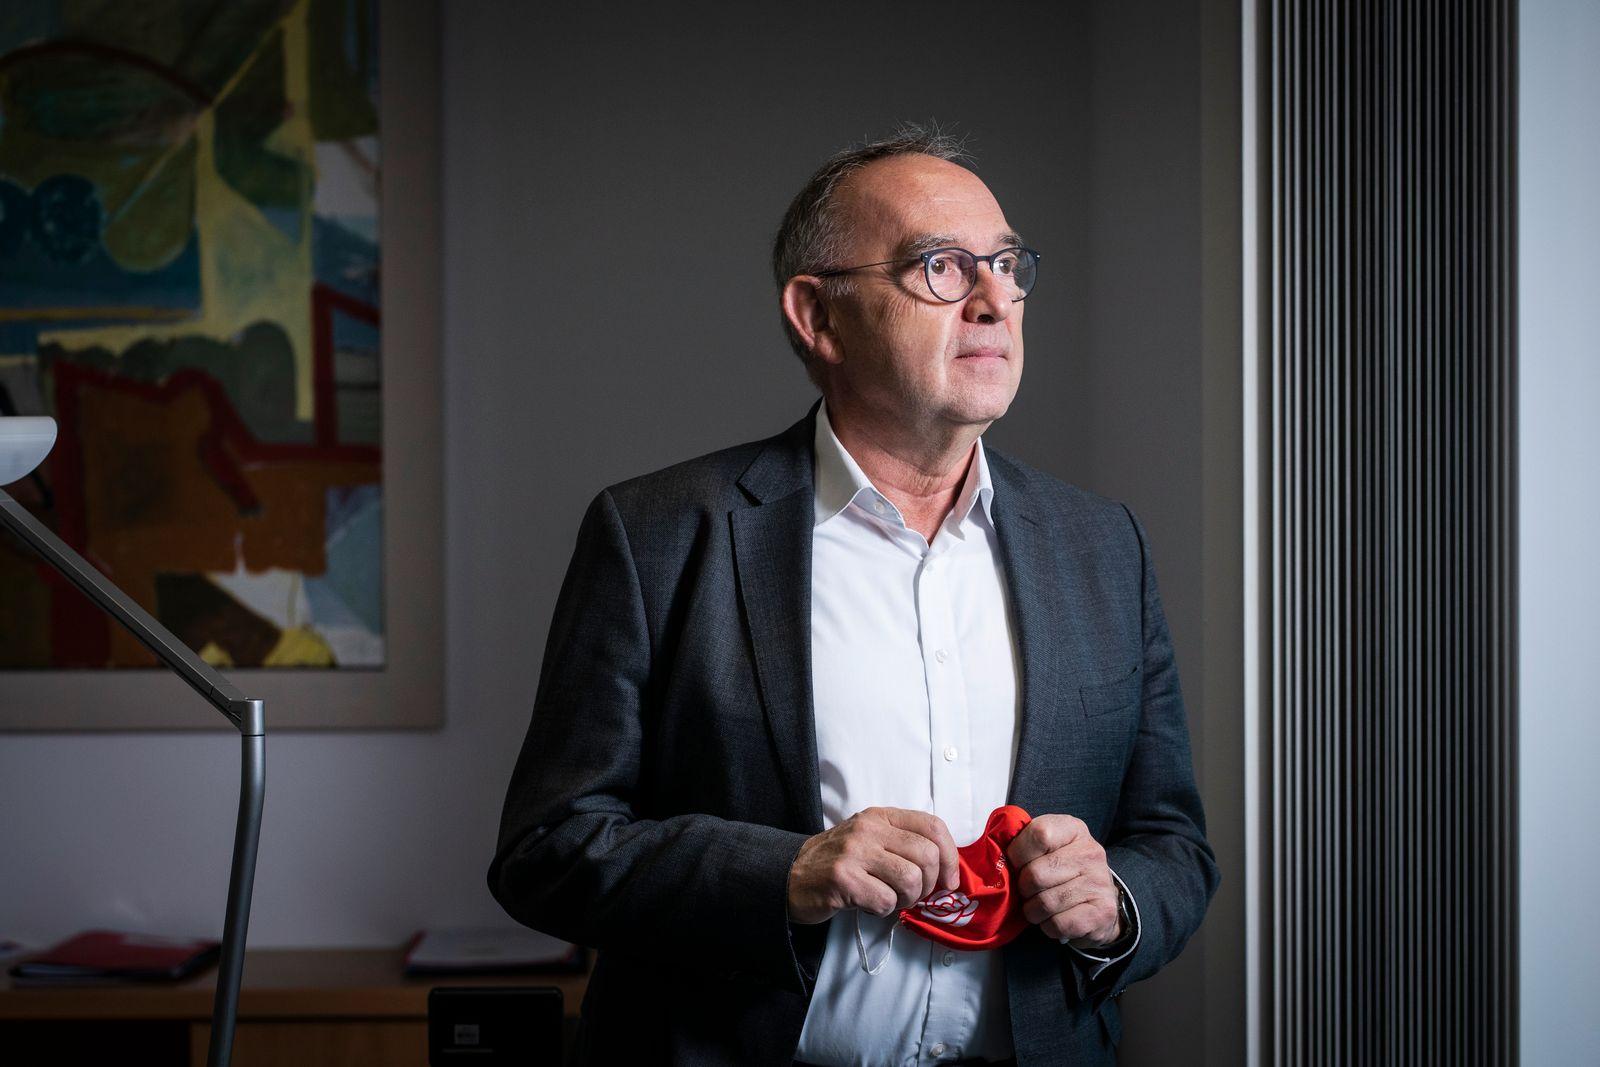 Norbert Walter-Borjans, fotografiert am 15.10.2020 im Willy-Bran